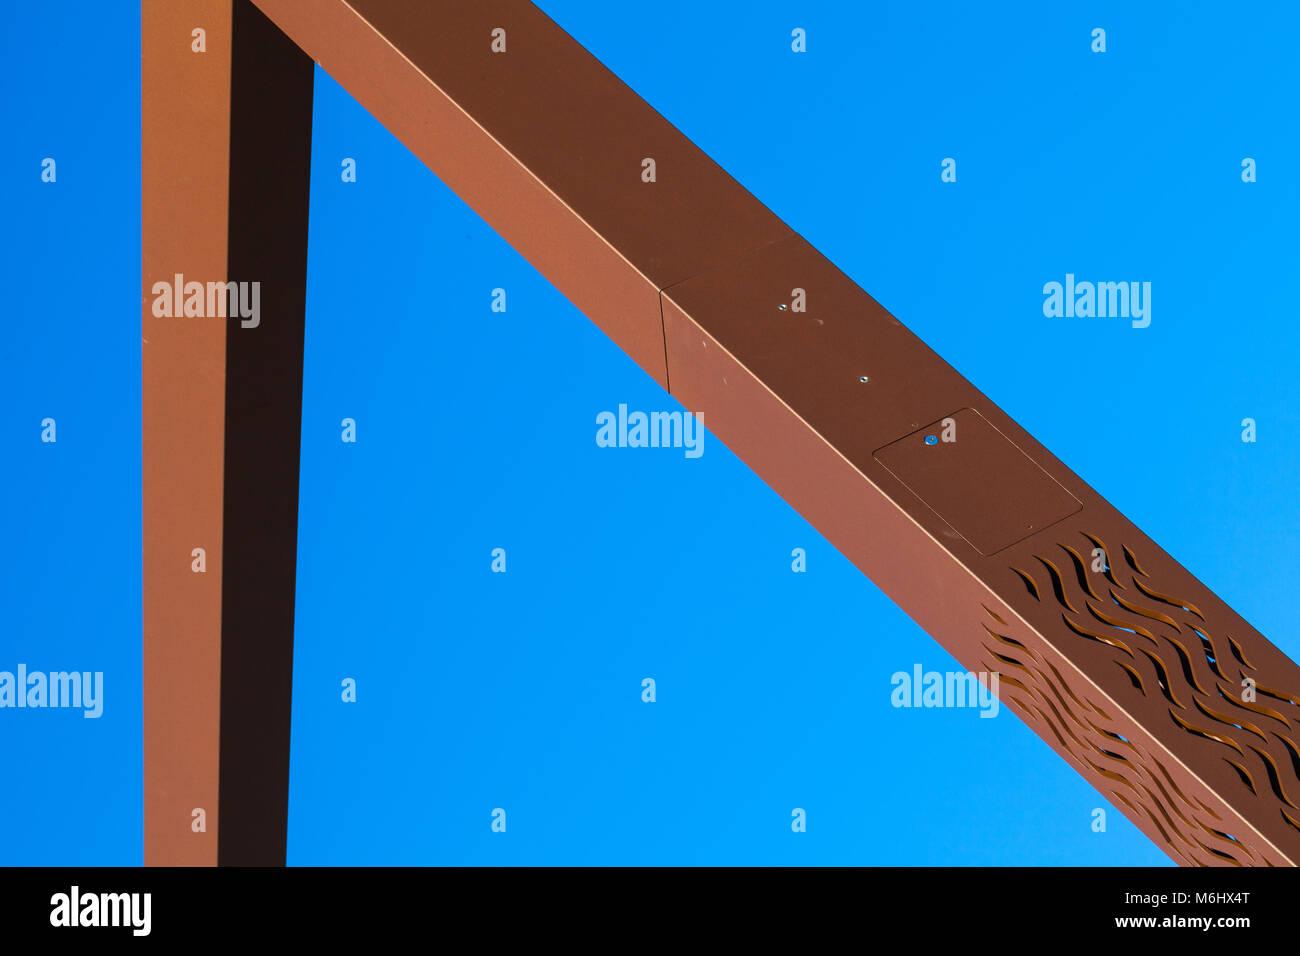 Abstraktes Bild eines braunen Stahlkonstruktion vor einem strahlend blauen Himmel Stockfoto